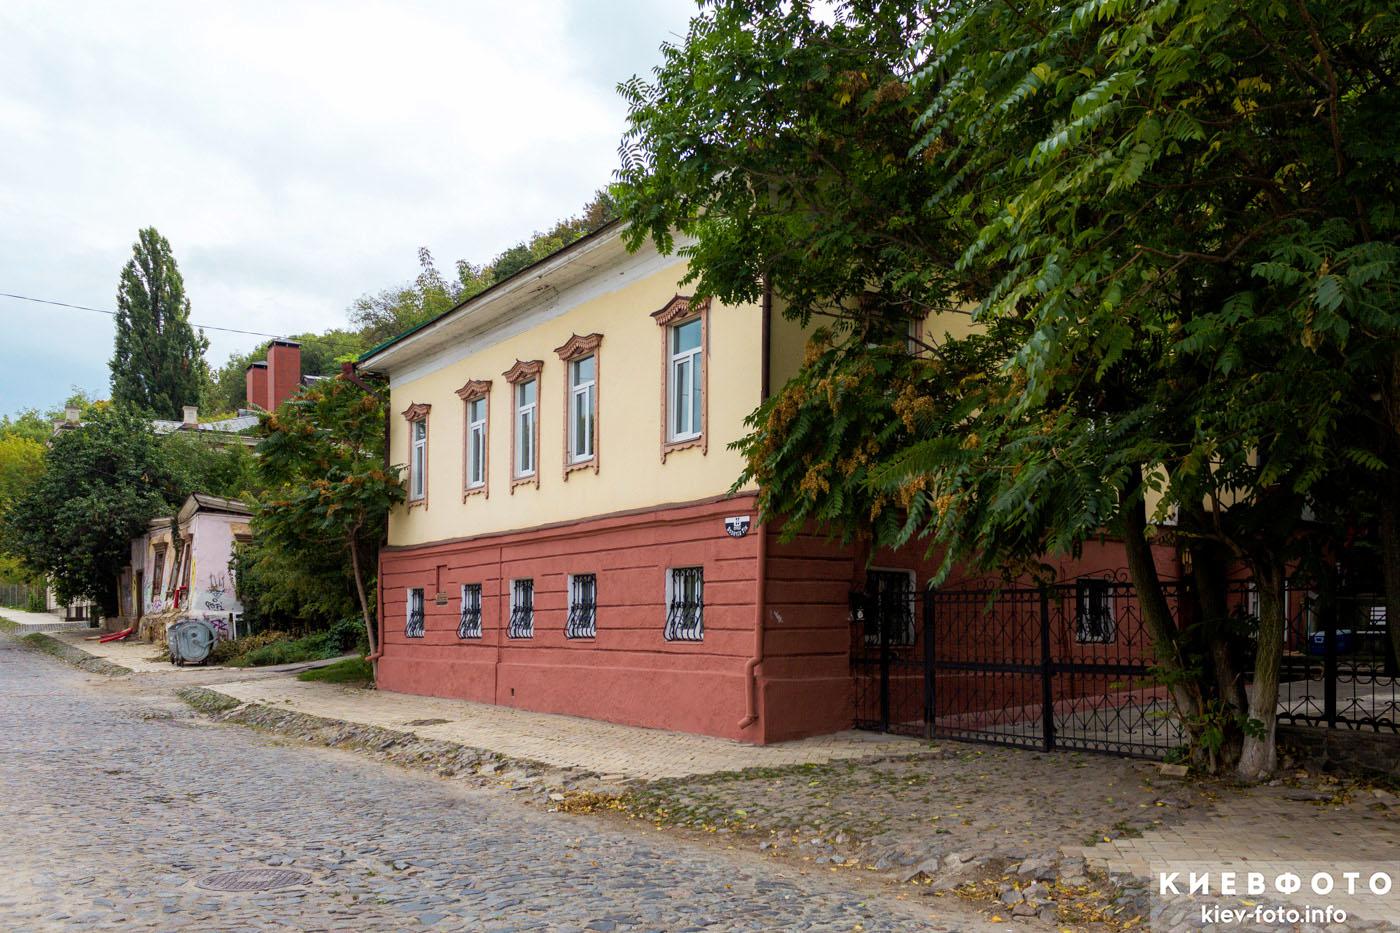 Боричів Тік 25. Будинок, 1-ша пол. XIX ст.